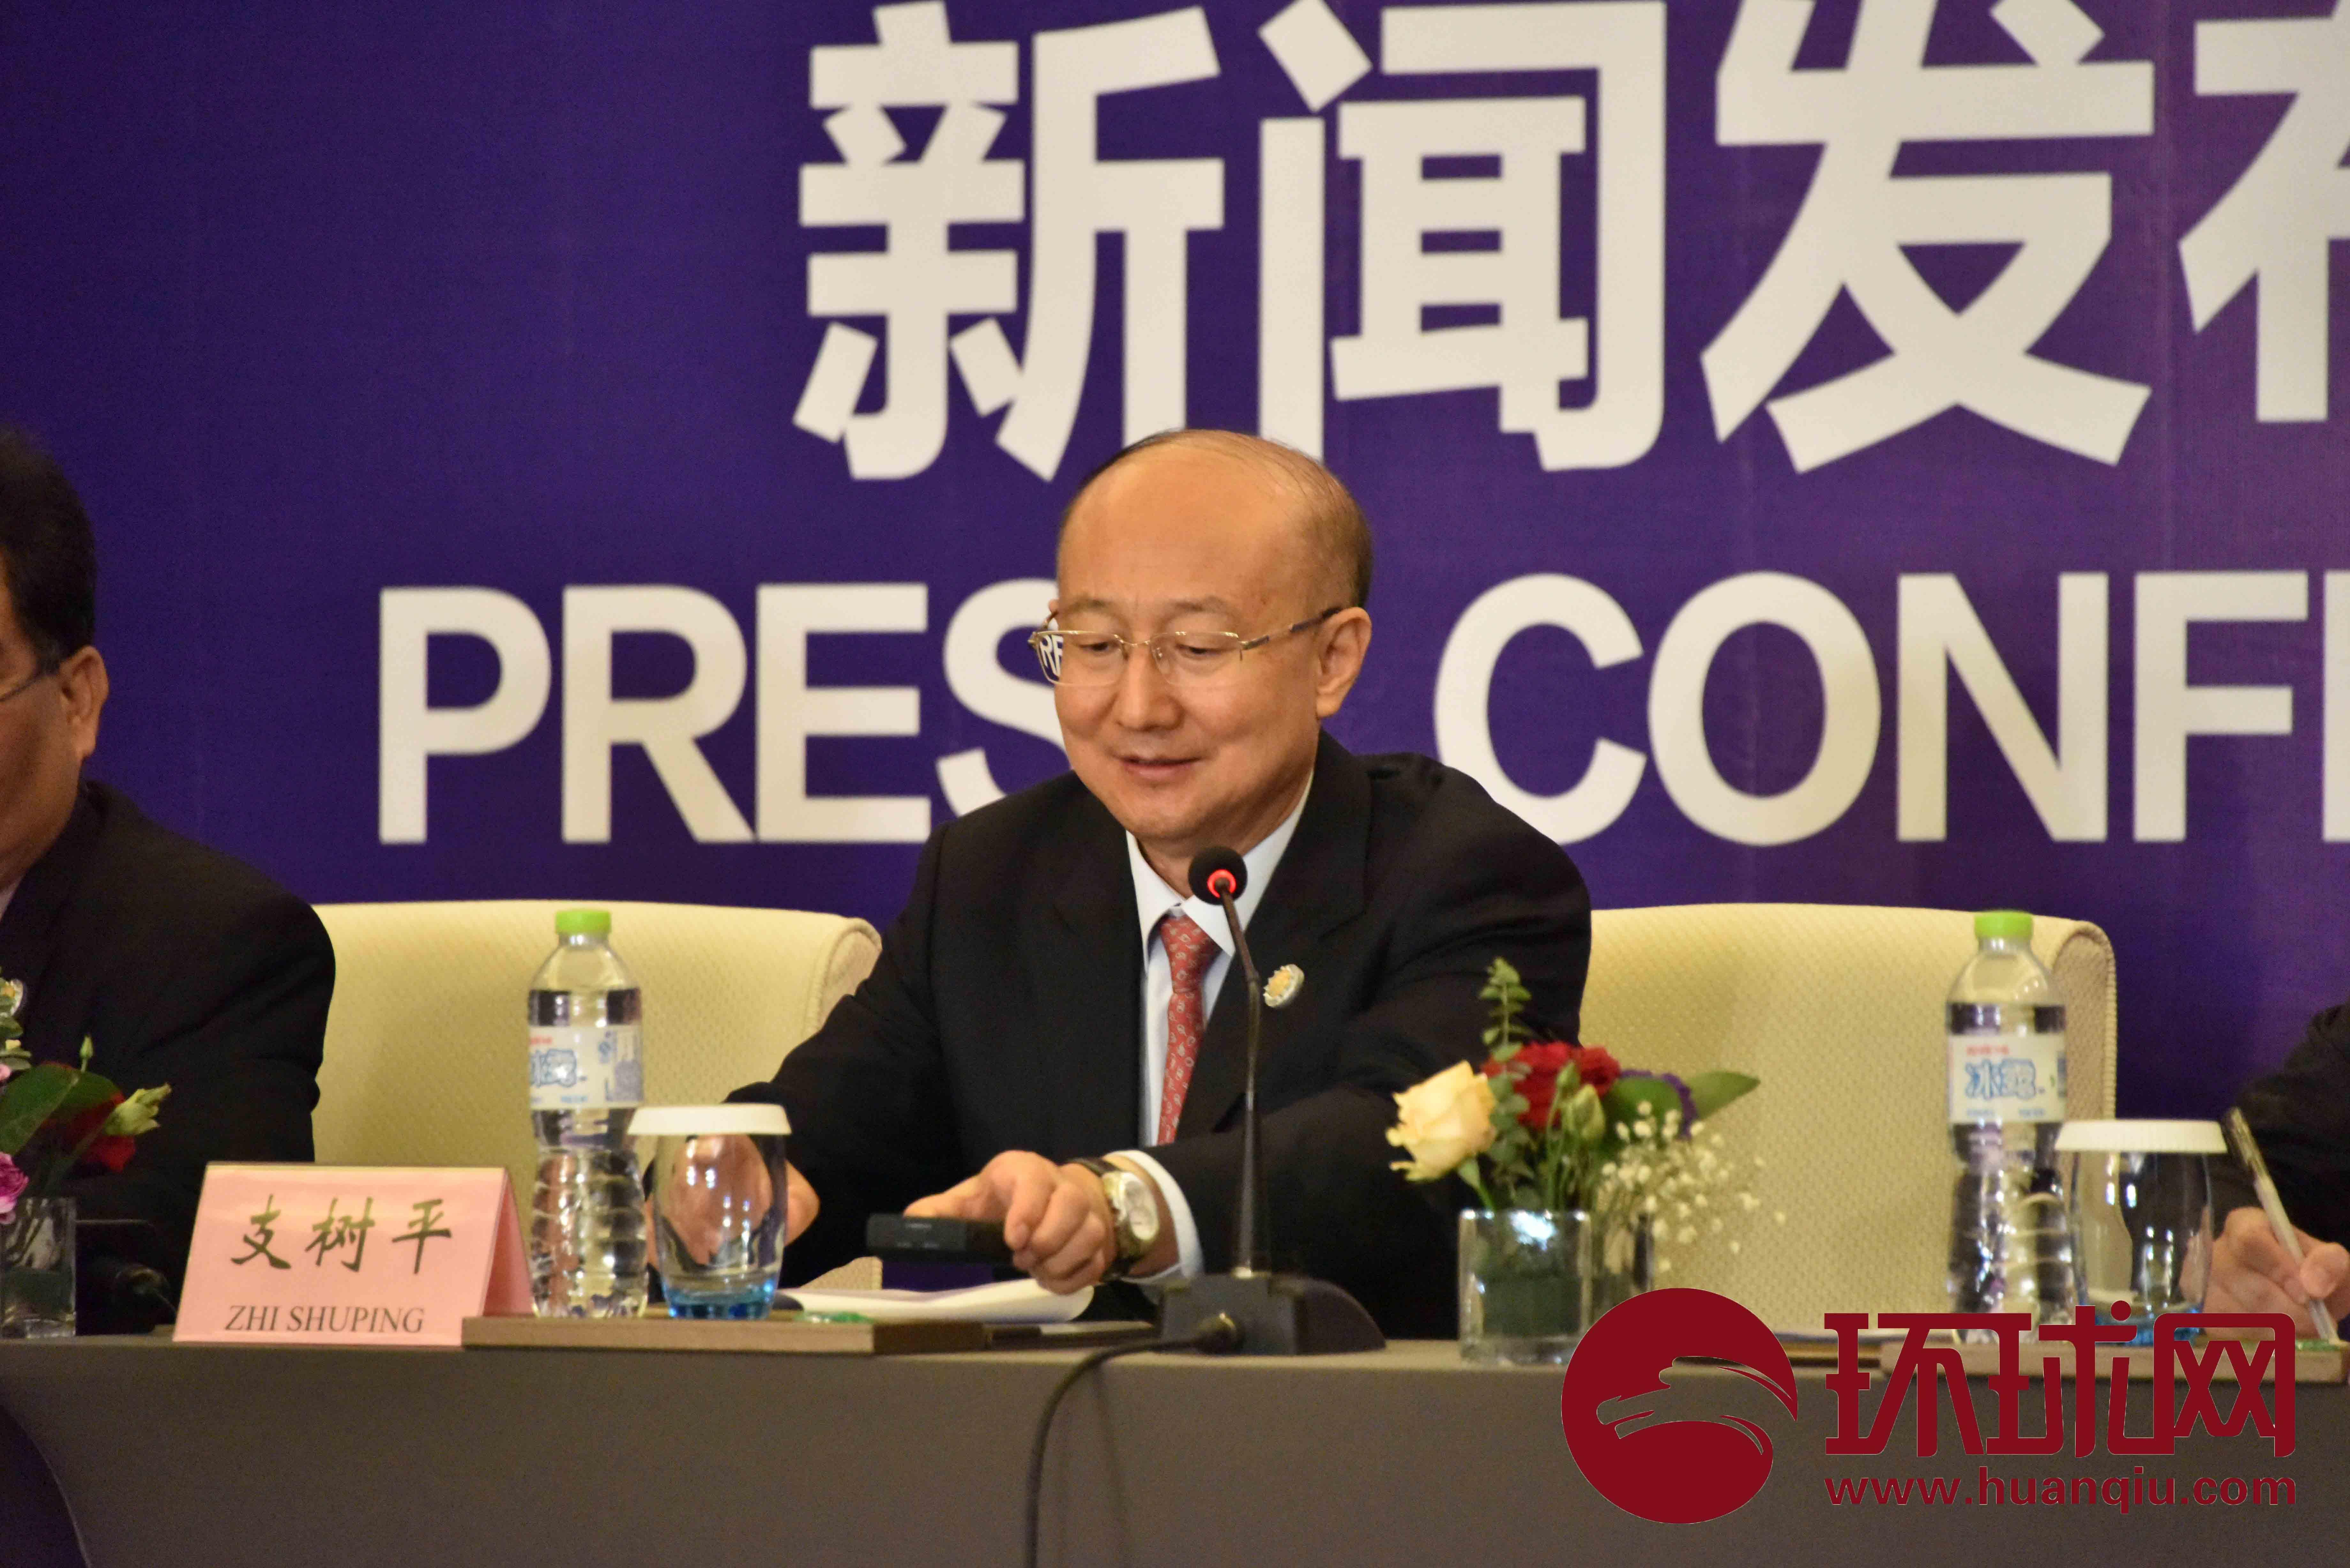 第五届中国-东盟质检部长会议取得多项重要成果